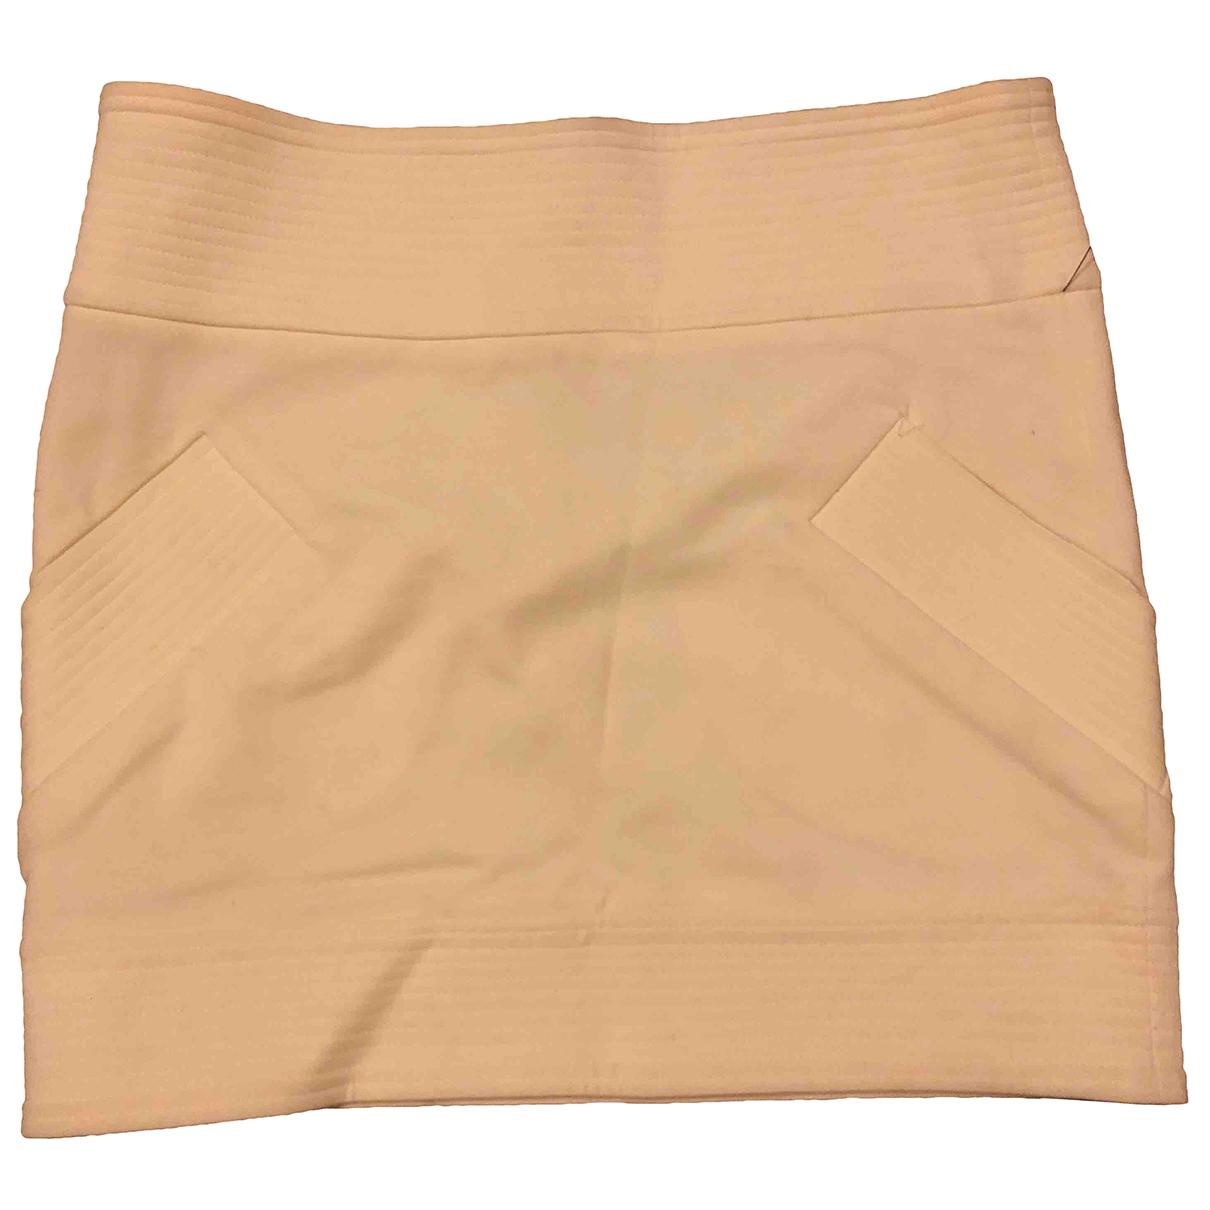 Diane Von Furstenberg \N White skirt for Women 2 US